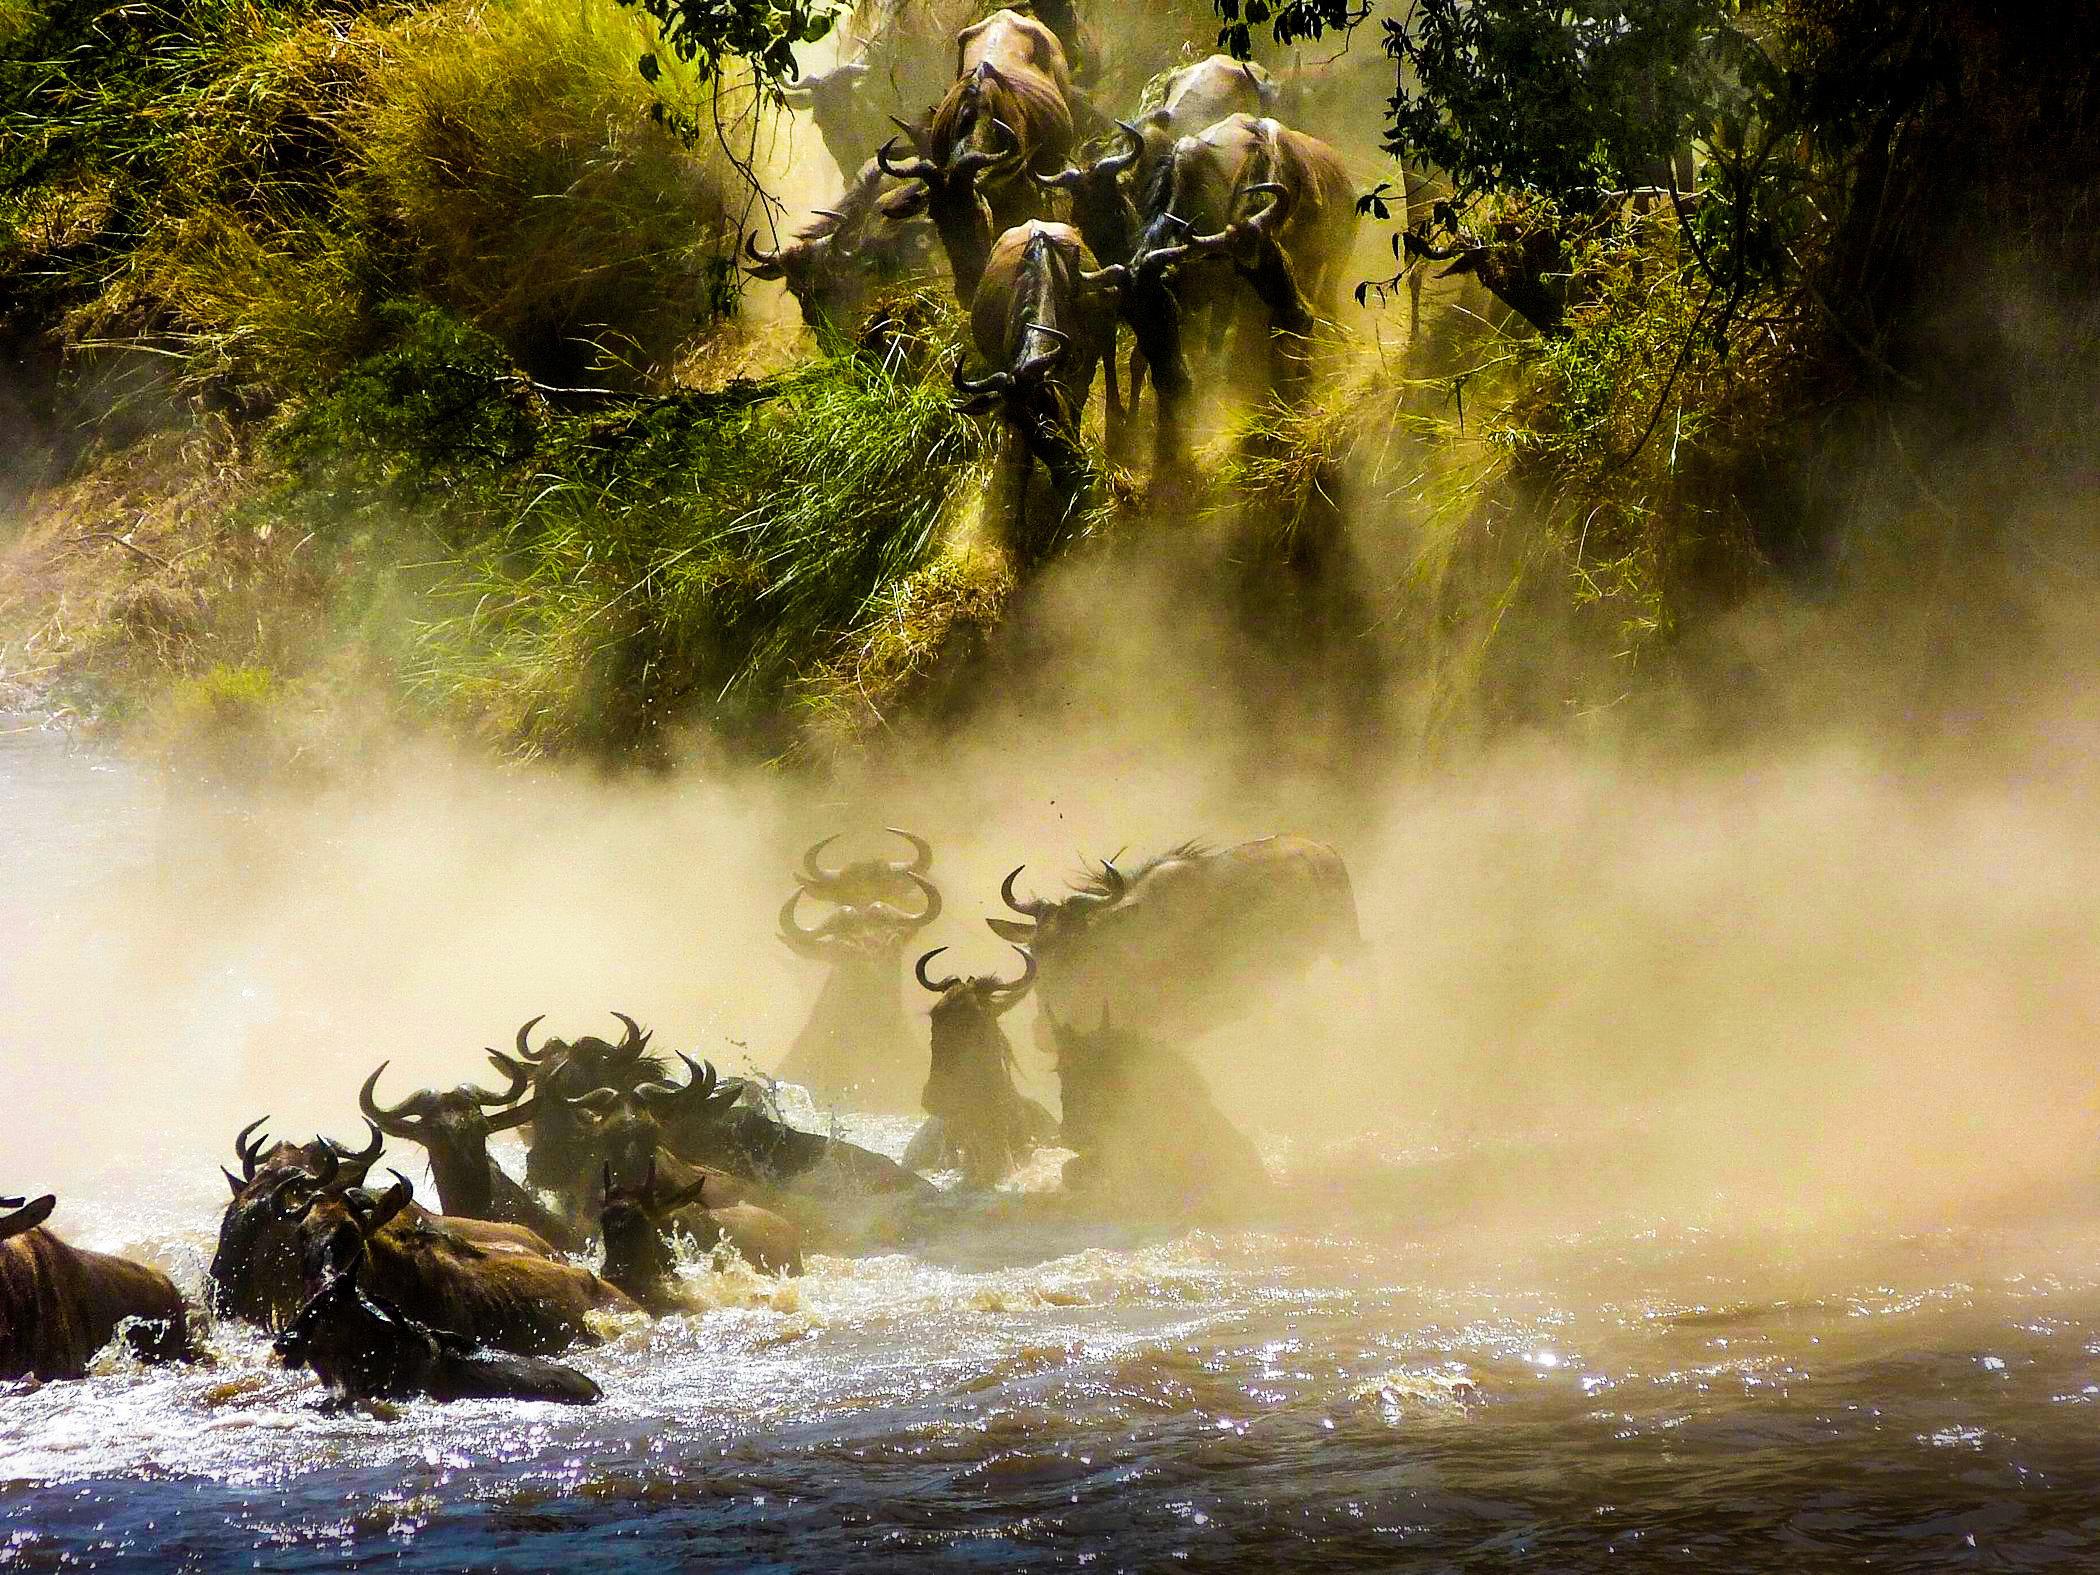 当你想象非洲时,你所想象的就是马赛马拉。美丽的合欢树、狮子一家亲密摩挲安享天伦之乐的场面、如雷贯耳的天国之渡,对许多人而言,马赛马拉国家保护区是东非之行的亮点所在,更是他们前往肯尼亚的唯一目的。 马赛马拉国家保护区是世界上最著名的野生动物保护区,这座动物的天堂由1672平方公里开阔的平原、林地和河岸森林组成。它还是世界上最大的野生哺乳动物家园,在这里生活着近100种哺乳动物和400多种鸟类。斑马、长颈鹿、羚羊在草原上觅食;在洋槐树林中你能观赏稀有的鸟类和猴群;大象和野牛在这里多得让你感到了审美疲劳;而马